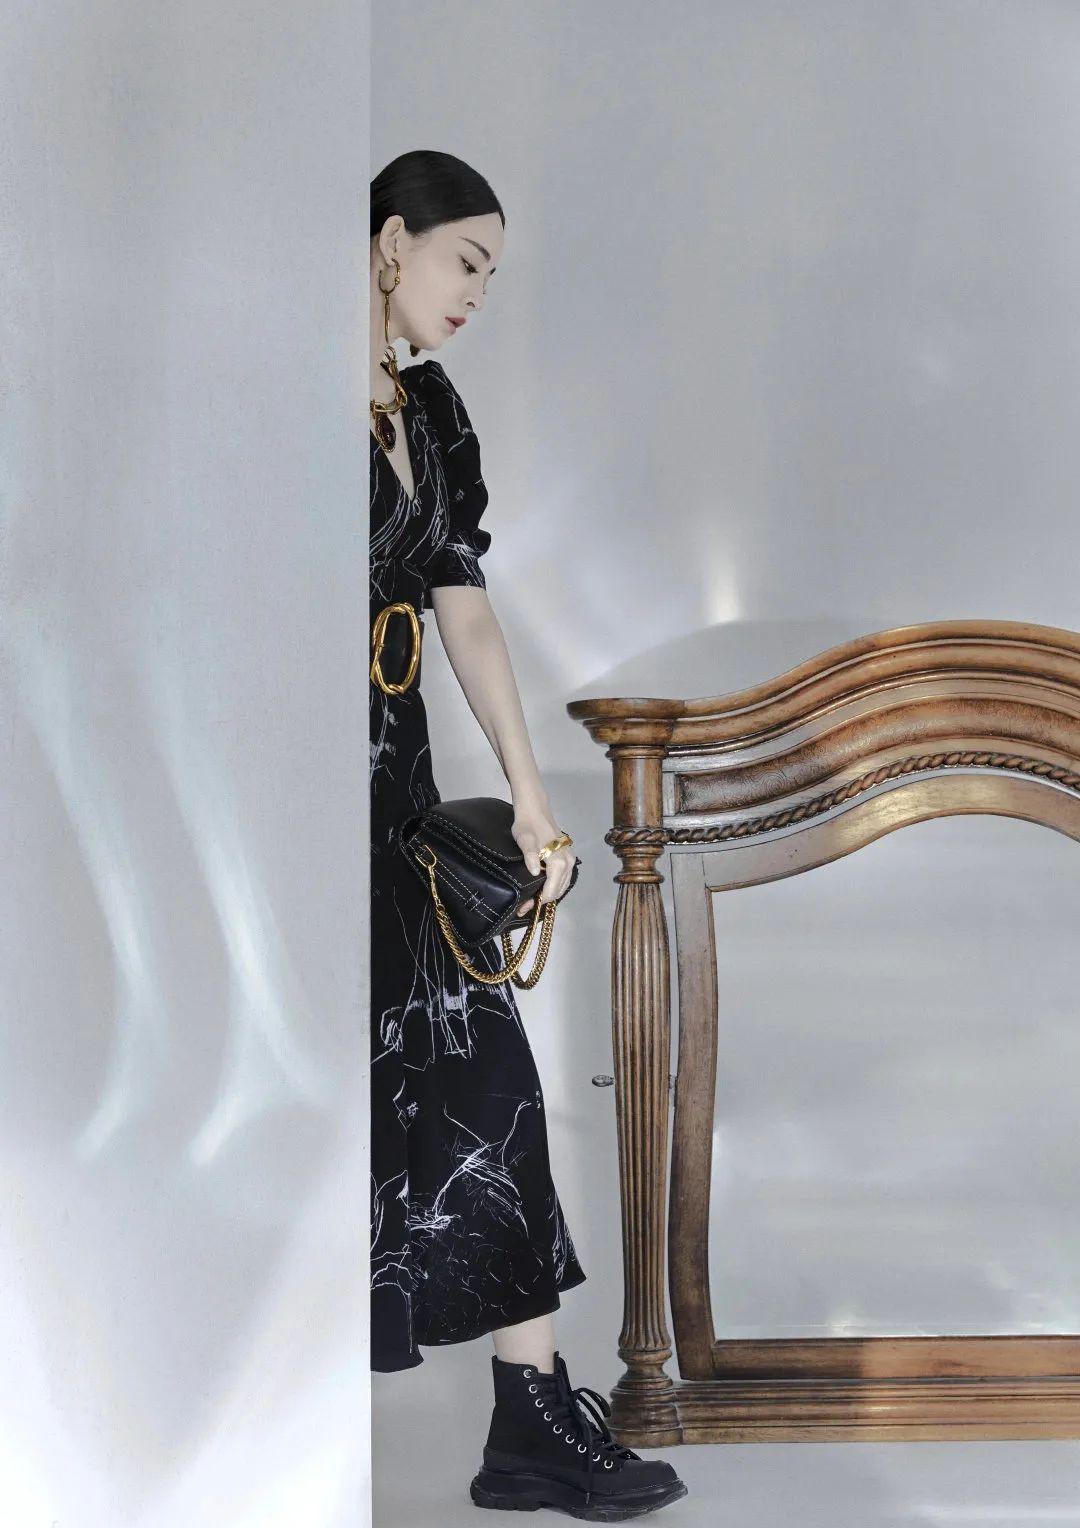 原创古力娜扎太飒了!全新大片演绎冷酷职场美人,西装革履太少见